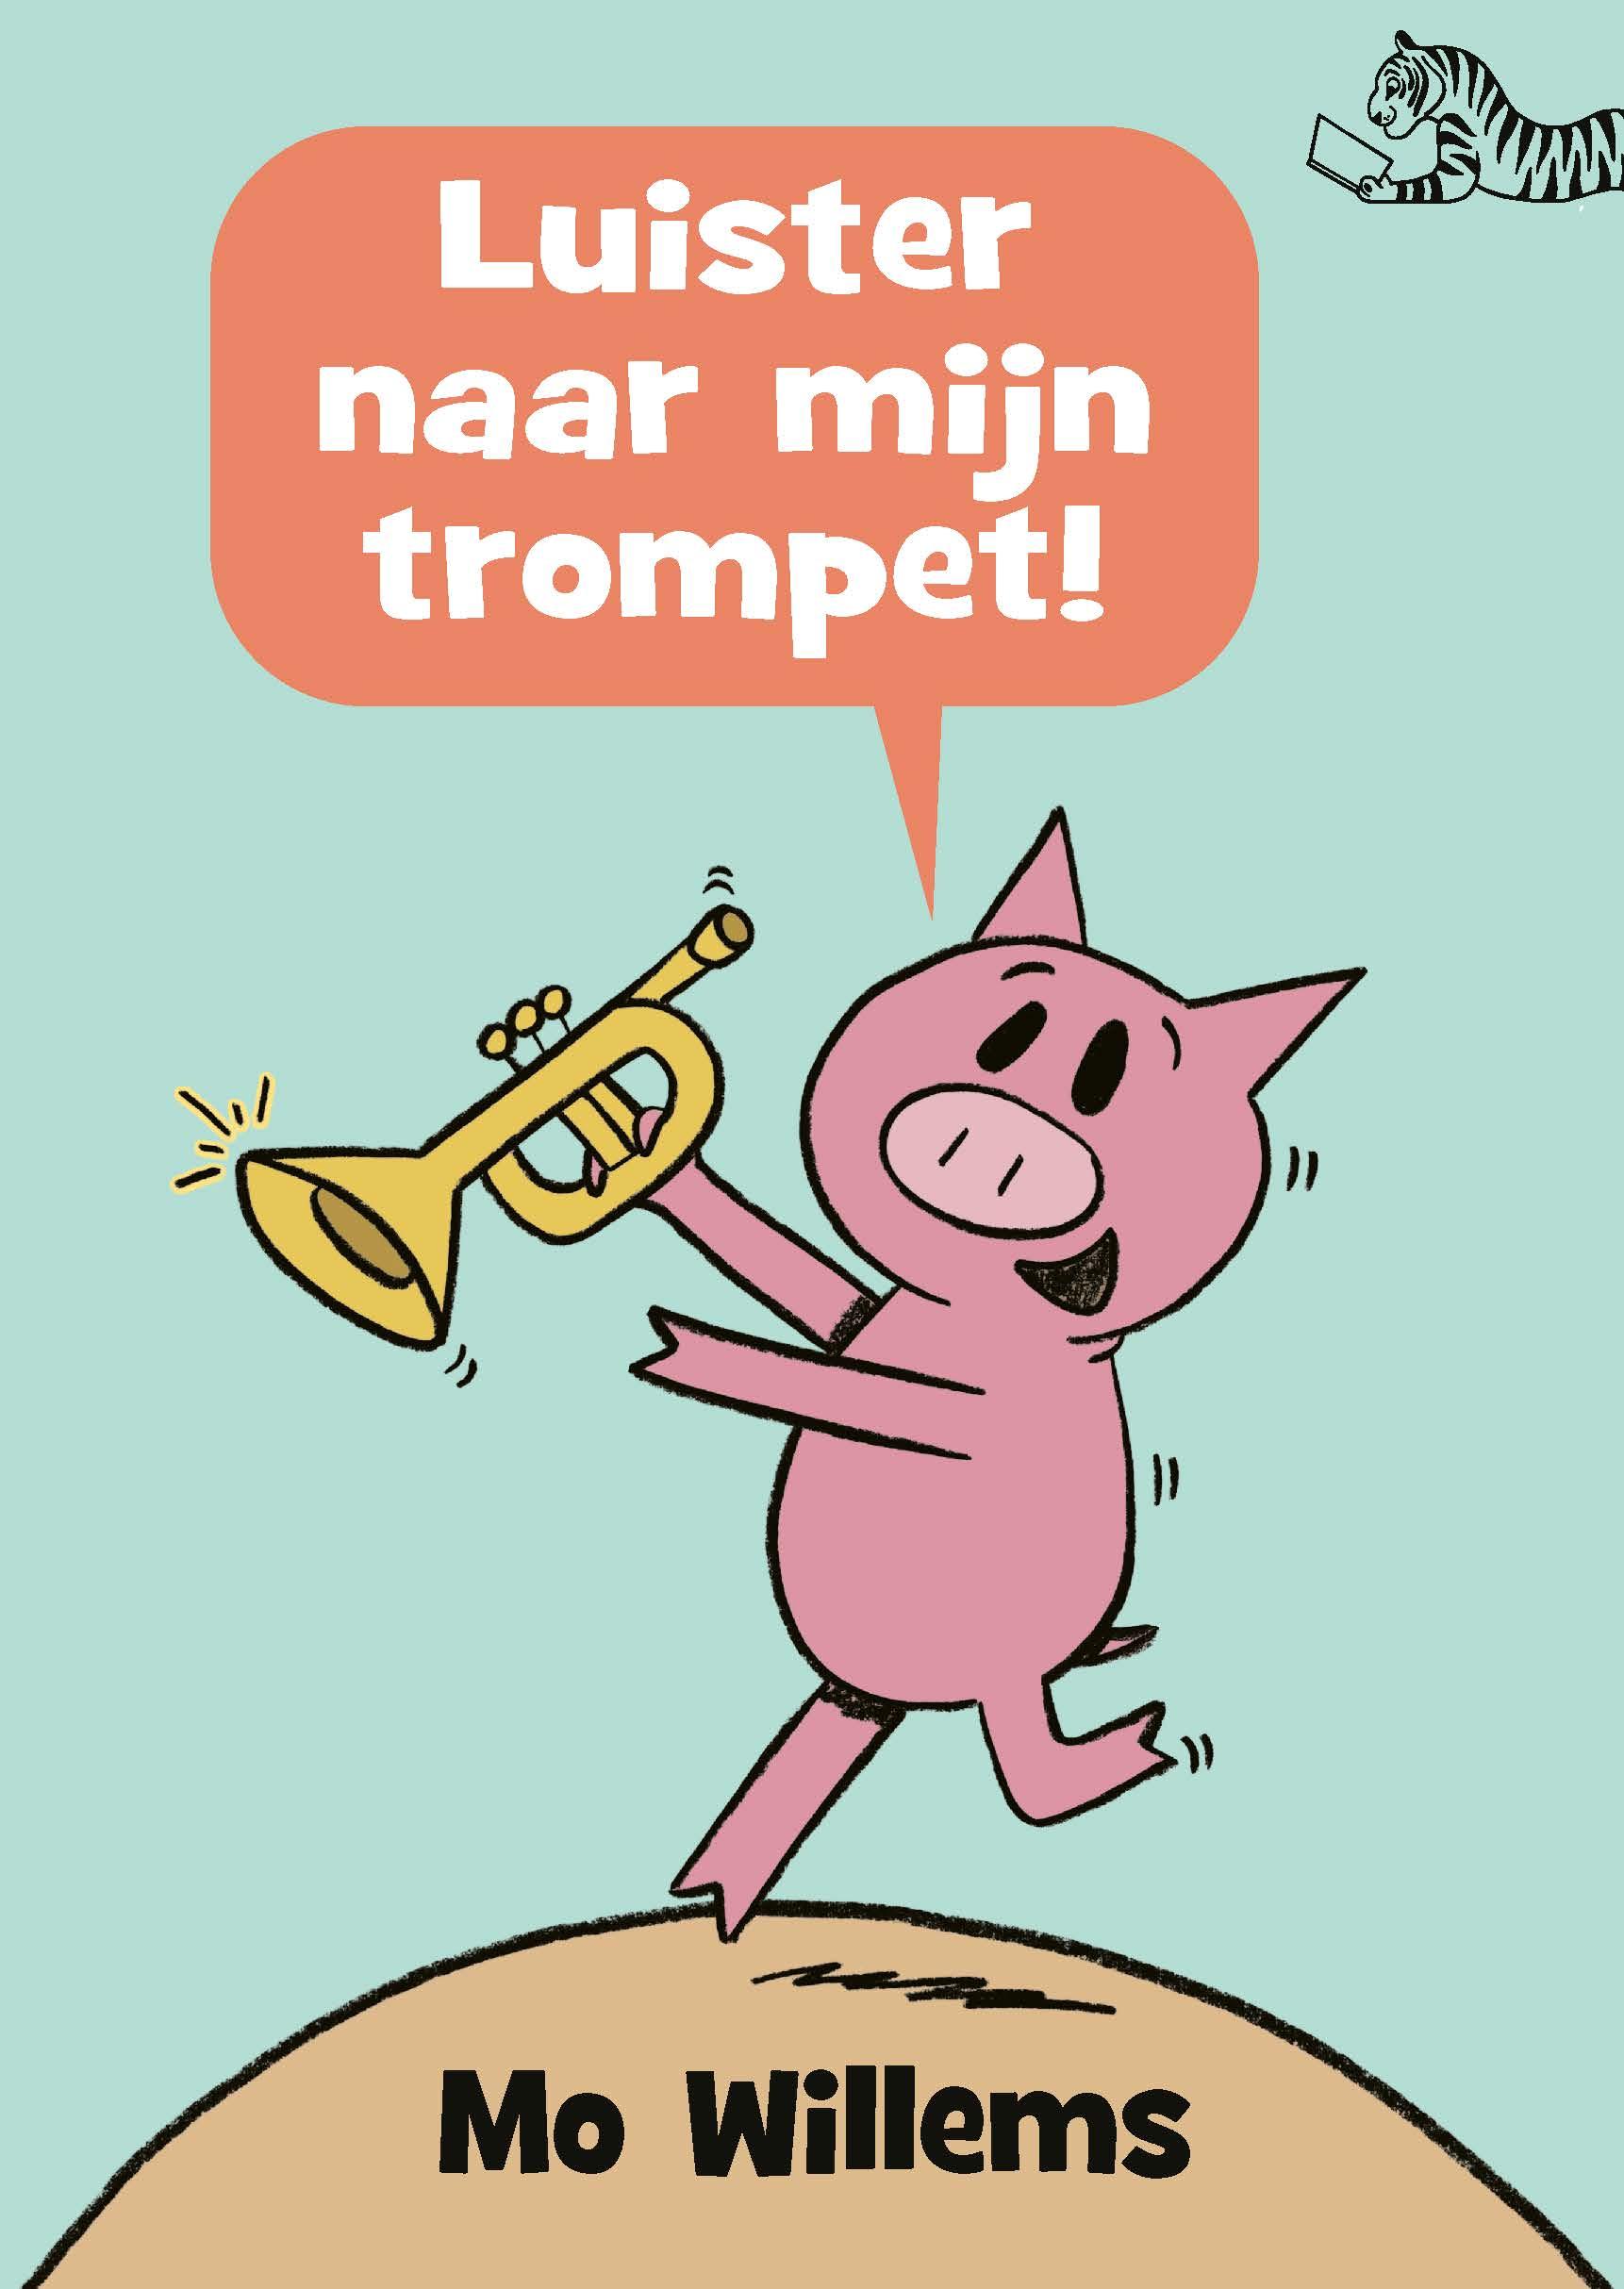 Luister naar mijn trompet! - Querido